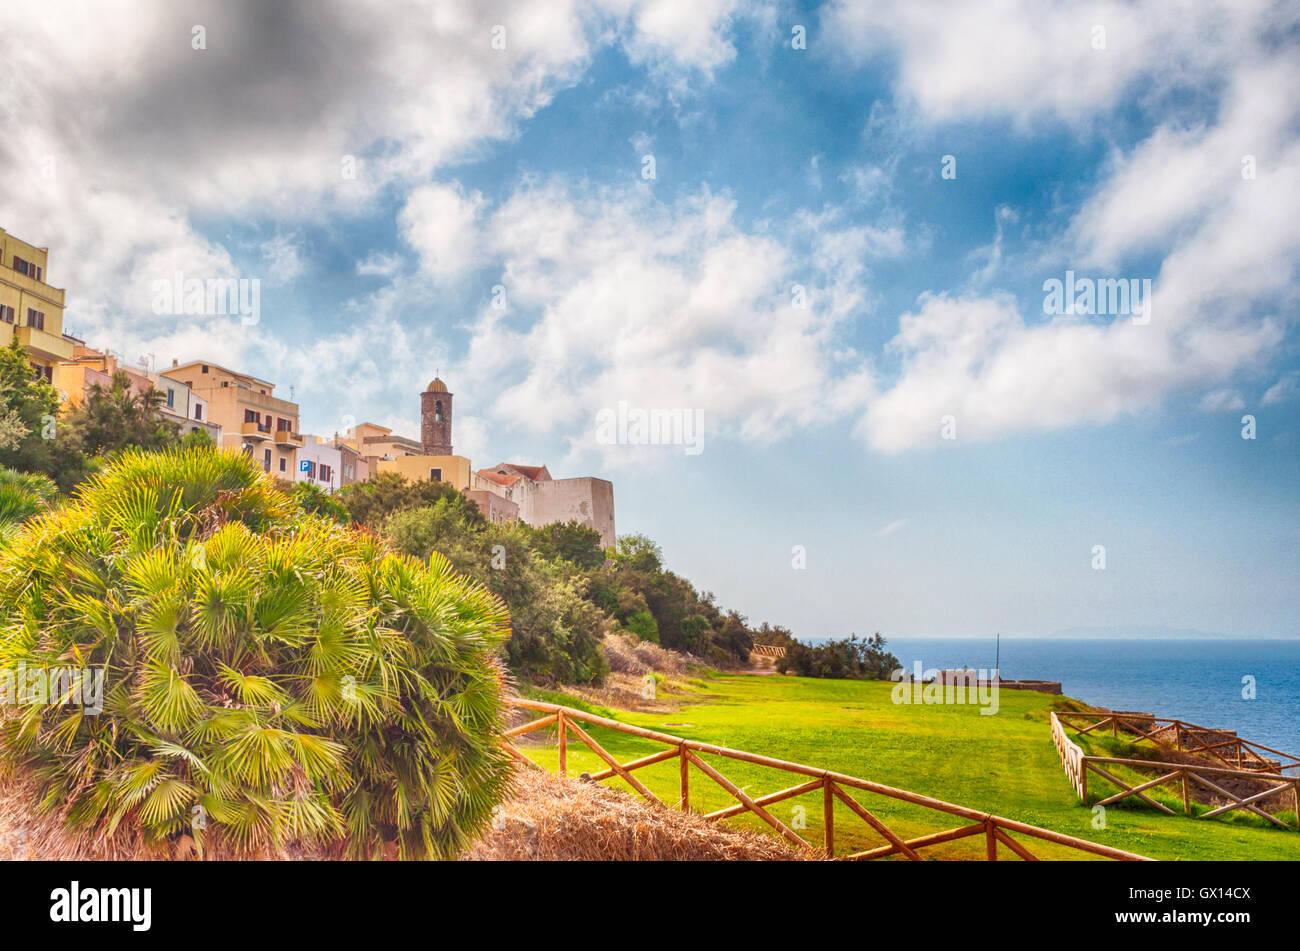 Vista desde castelsardo ciudad vieja - Cerdeña - Italia Imagen De Stock